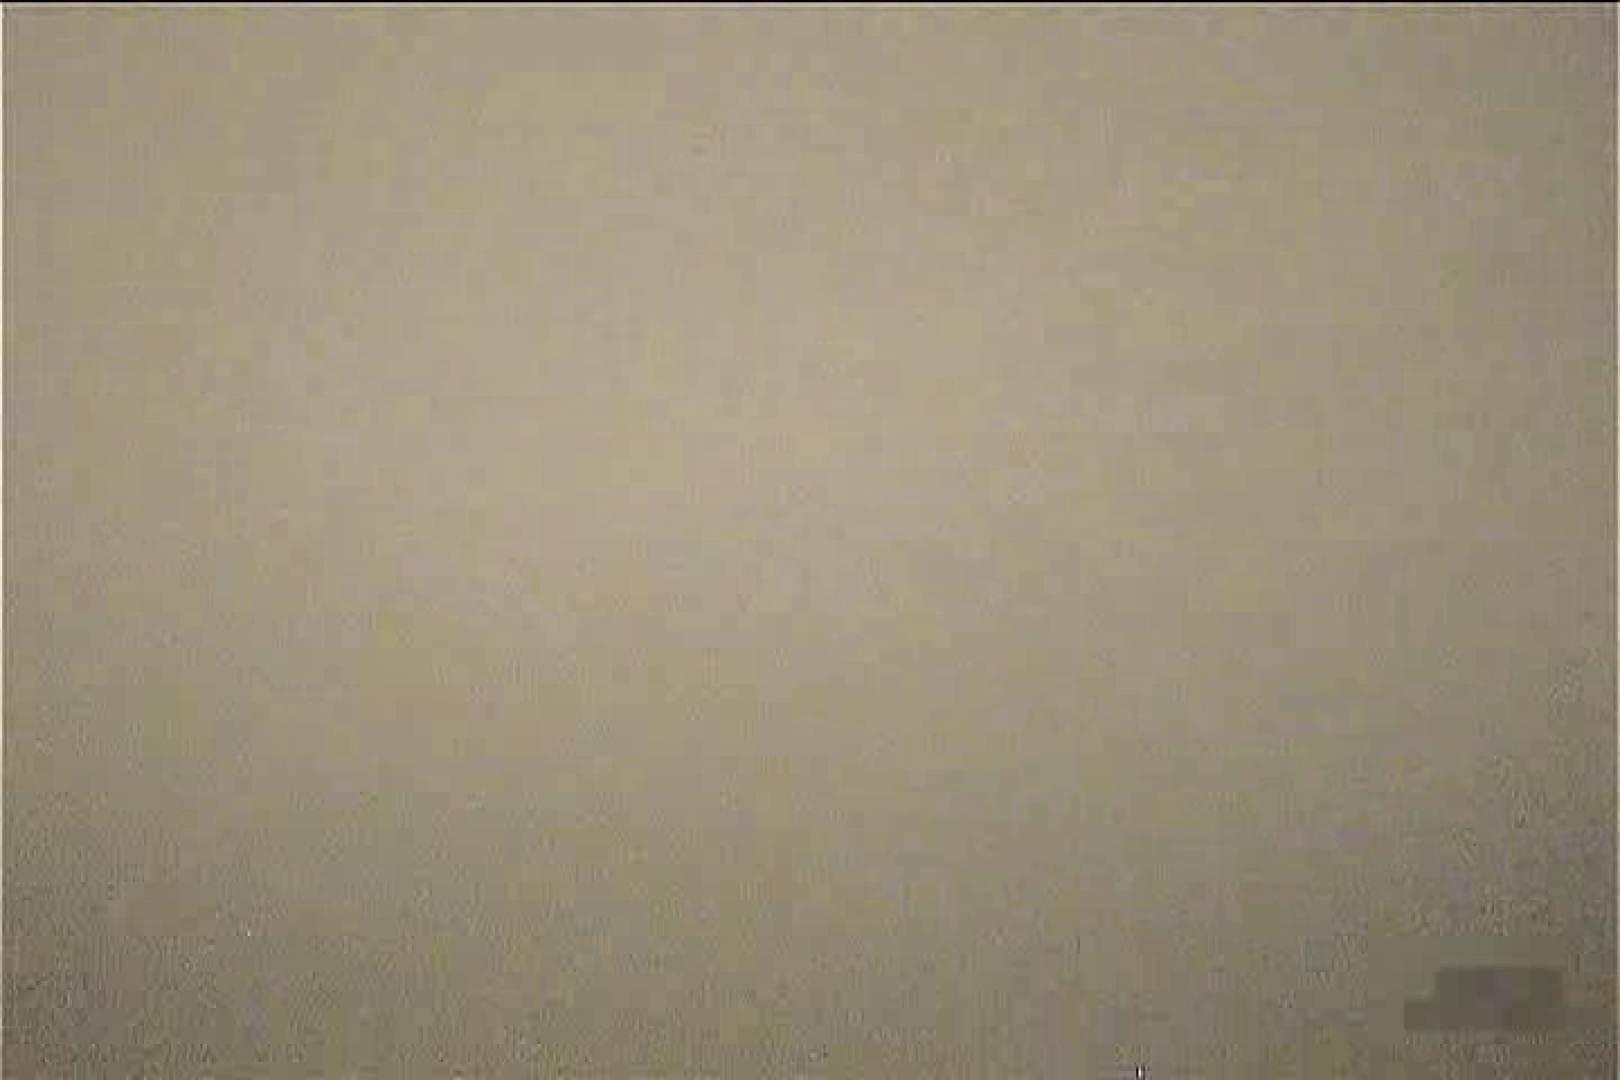 激撮ストーカー記録あなたのお宅拝見しますVol.11 オナニーDEエッチ オマンコ動画キャプチャ 78PIX 62